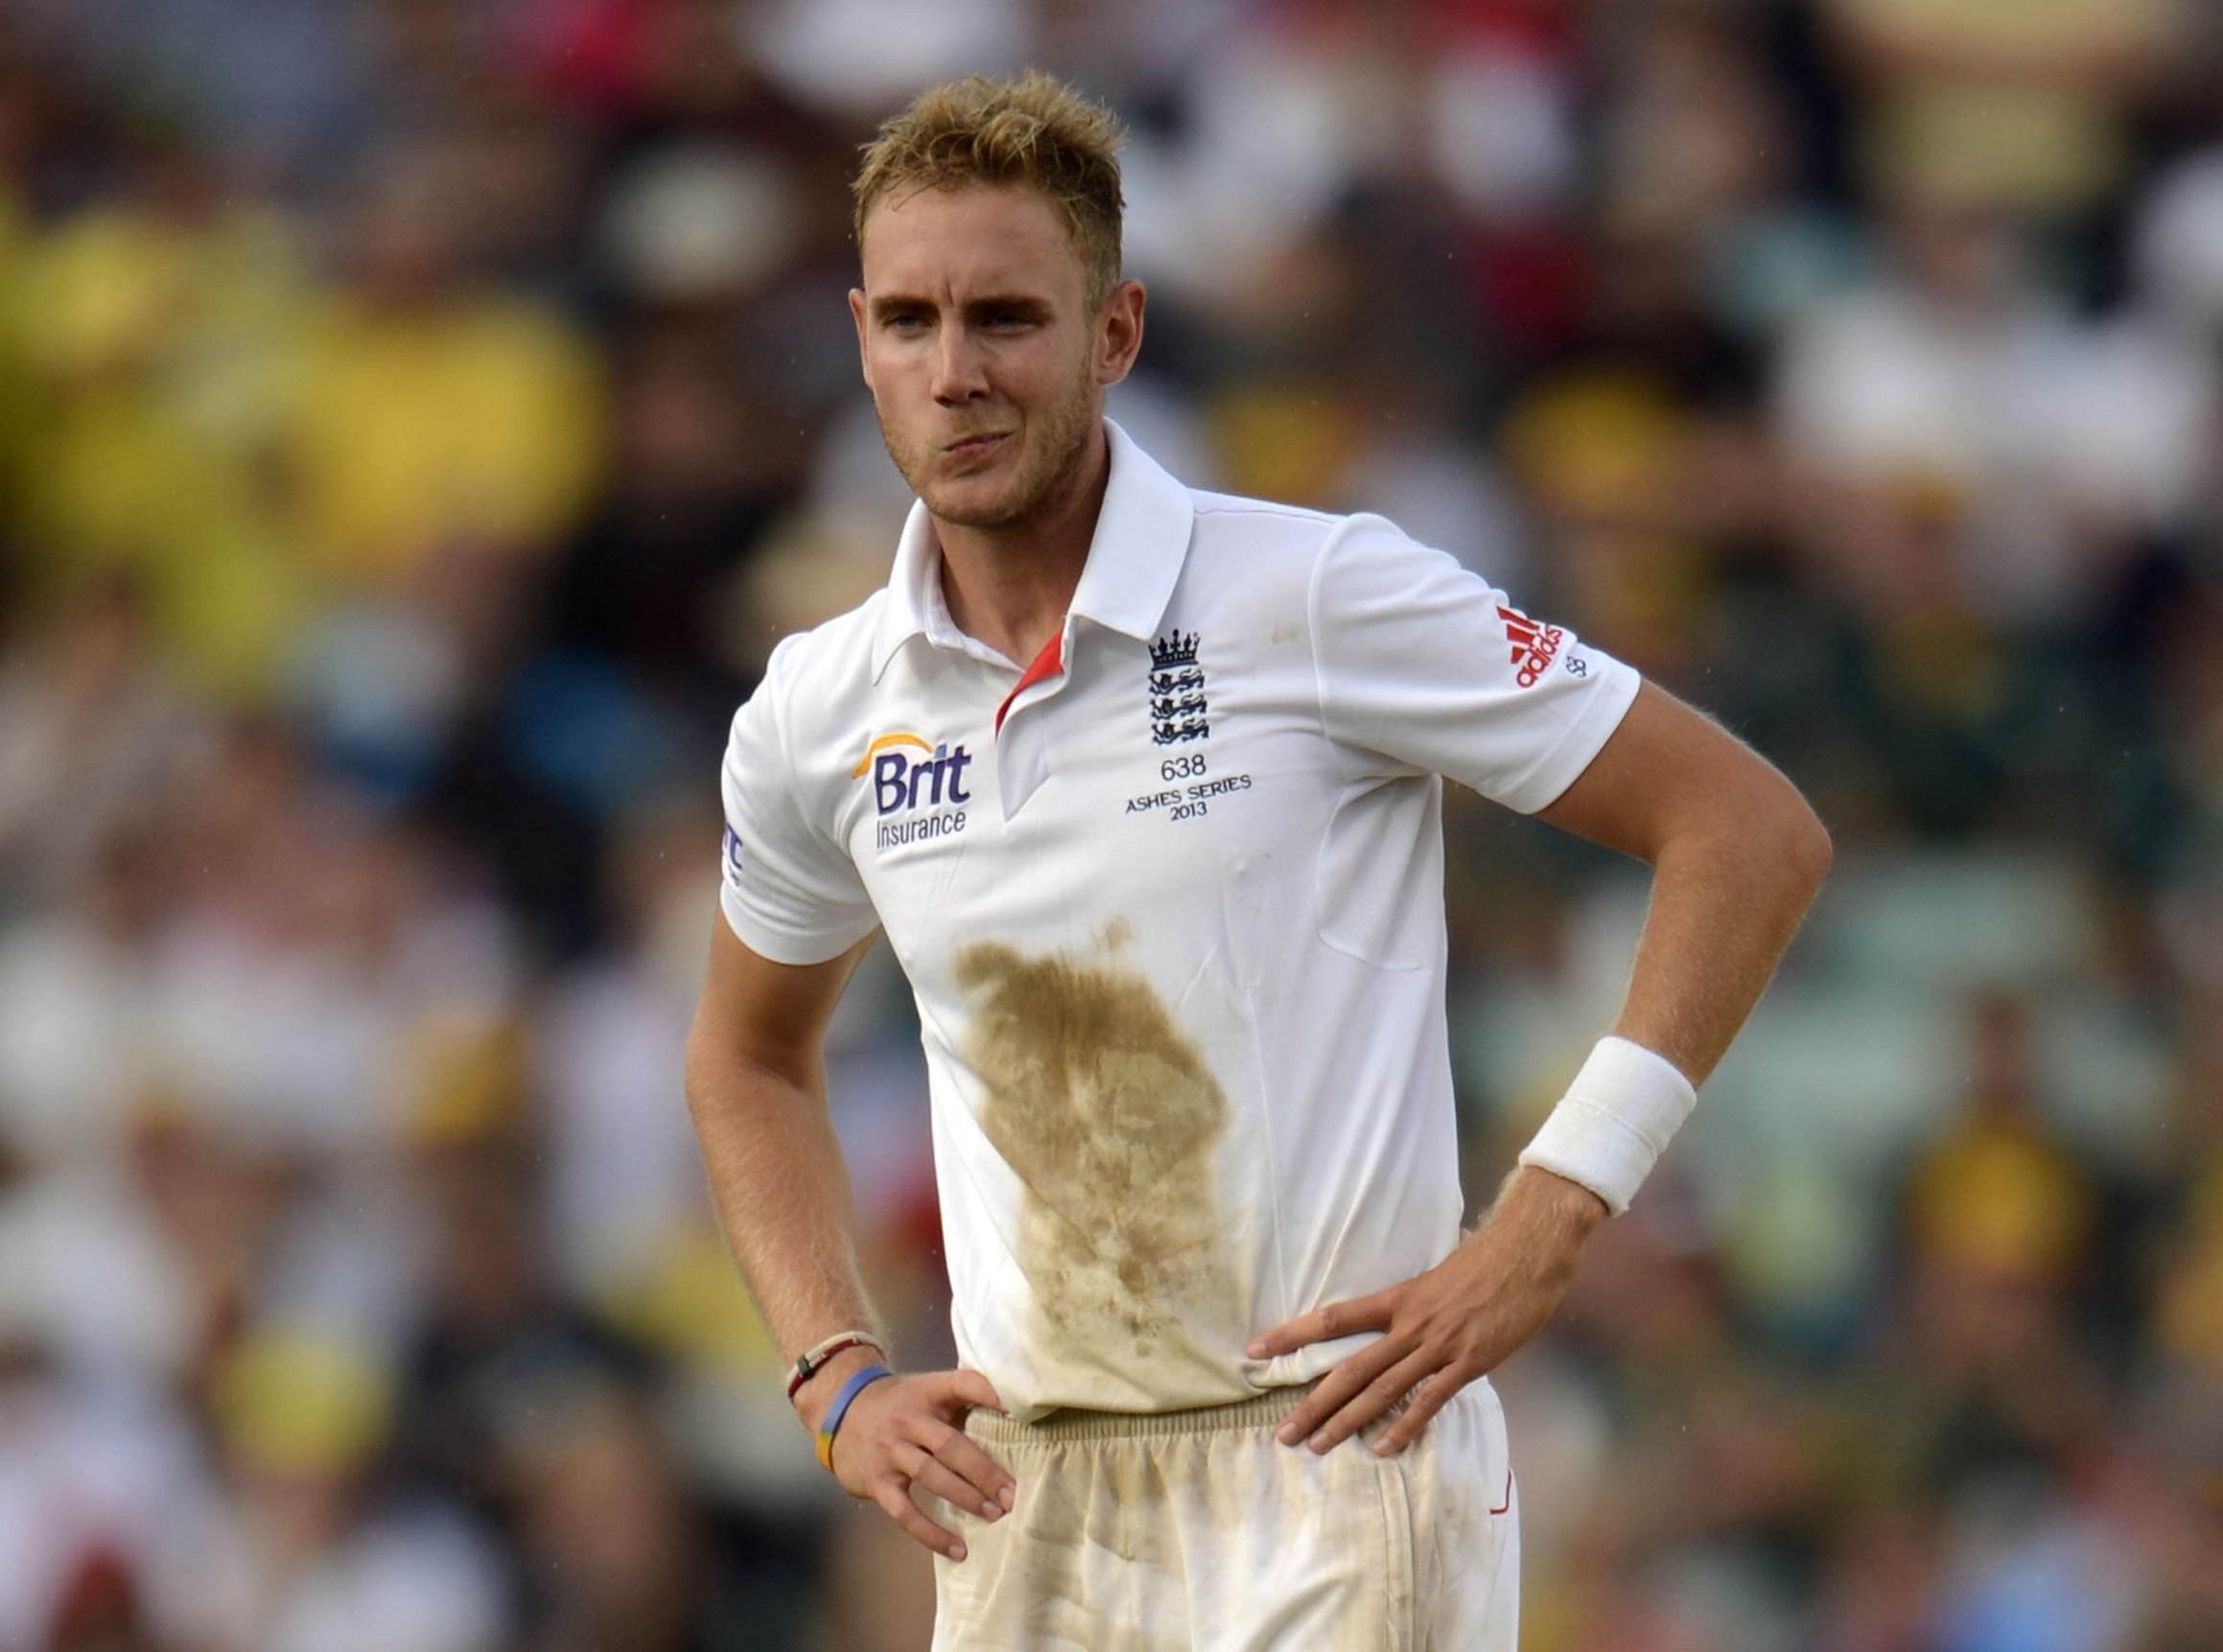 England admit concern over Stuart Broad's safety after Darren Lehmann 'incitement'